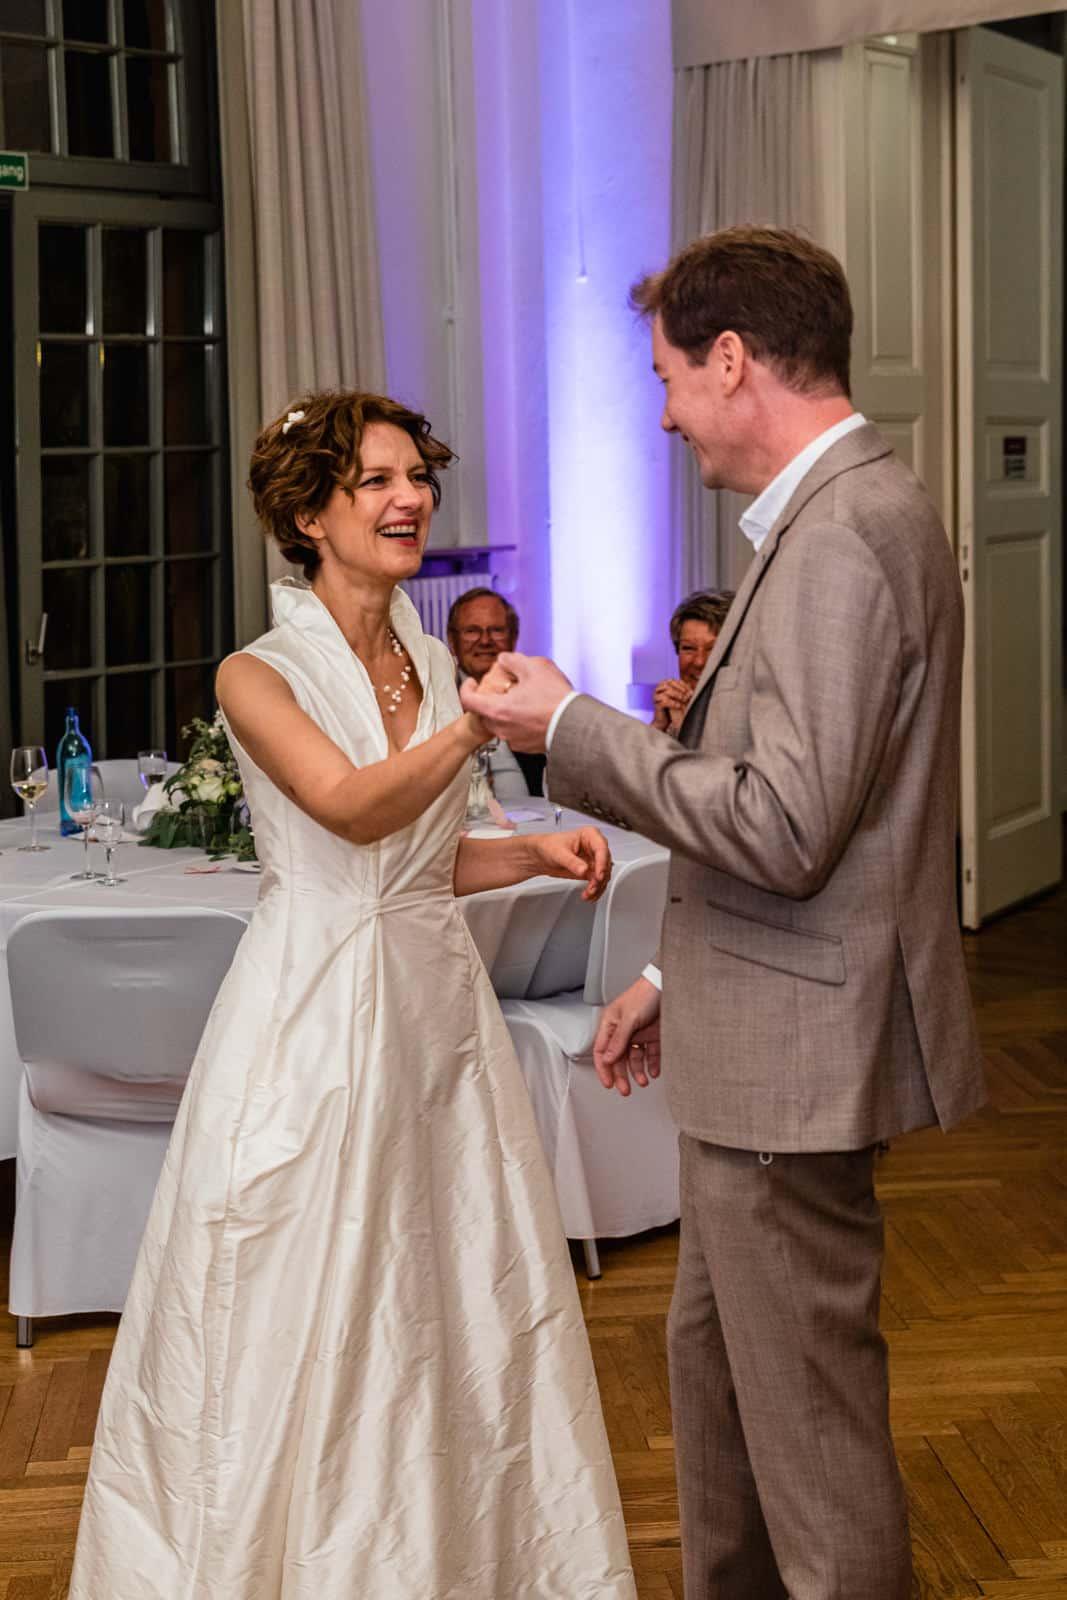 Brautpaar tanzt ihren Brauttanz im Prinz-Emil-Schlösschen in Darmstadt.